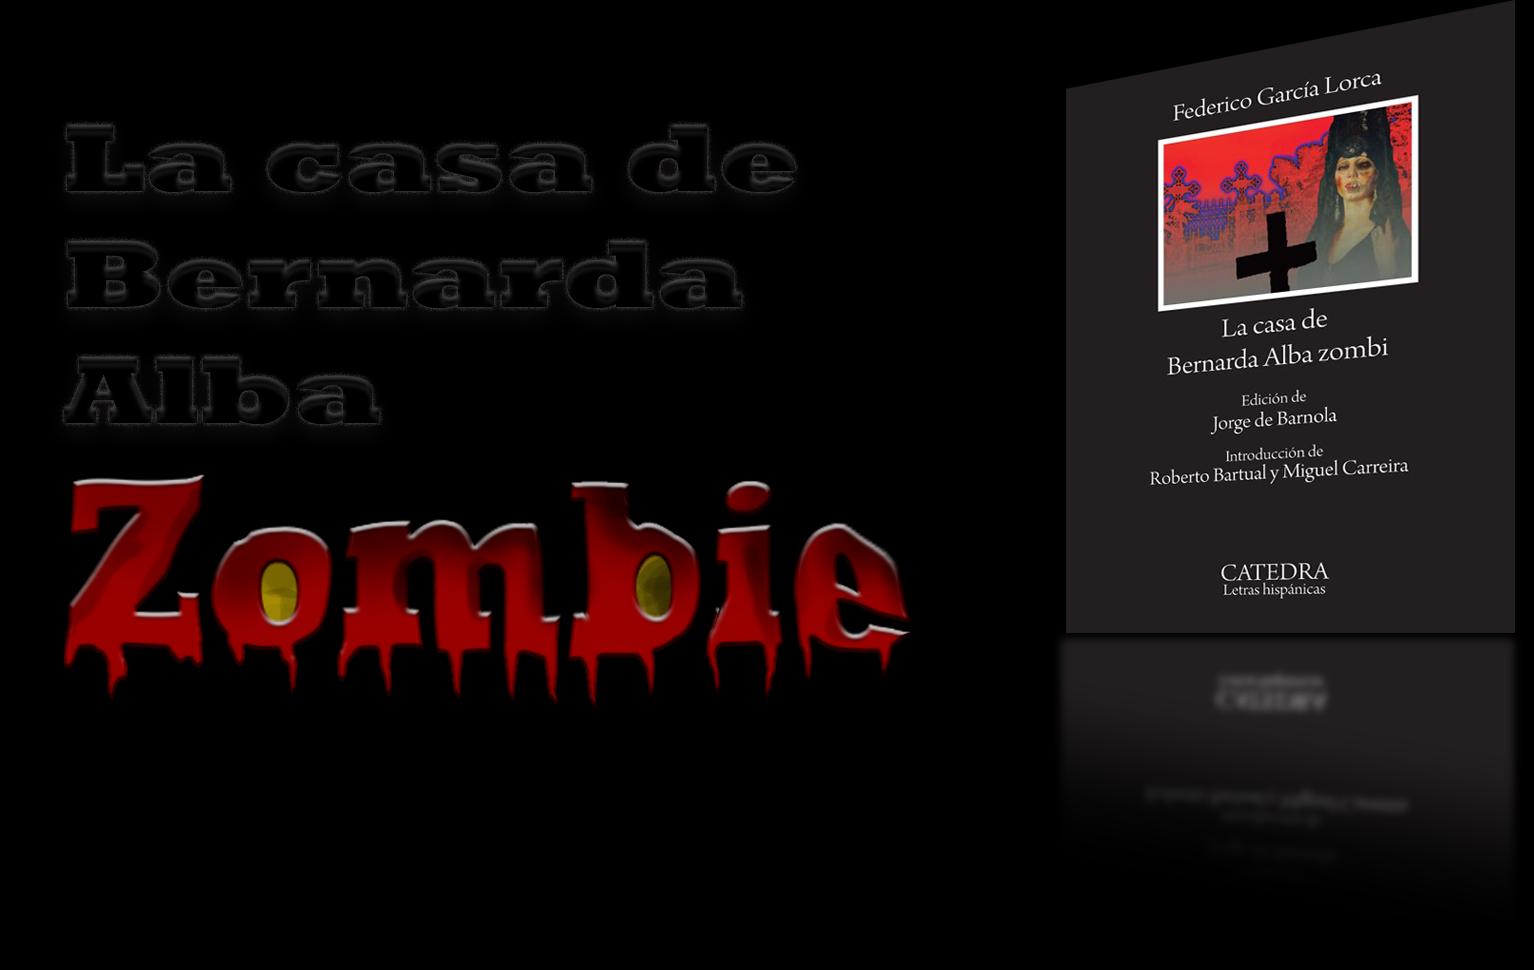 La Casa de Bernarda Alba Zombie